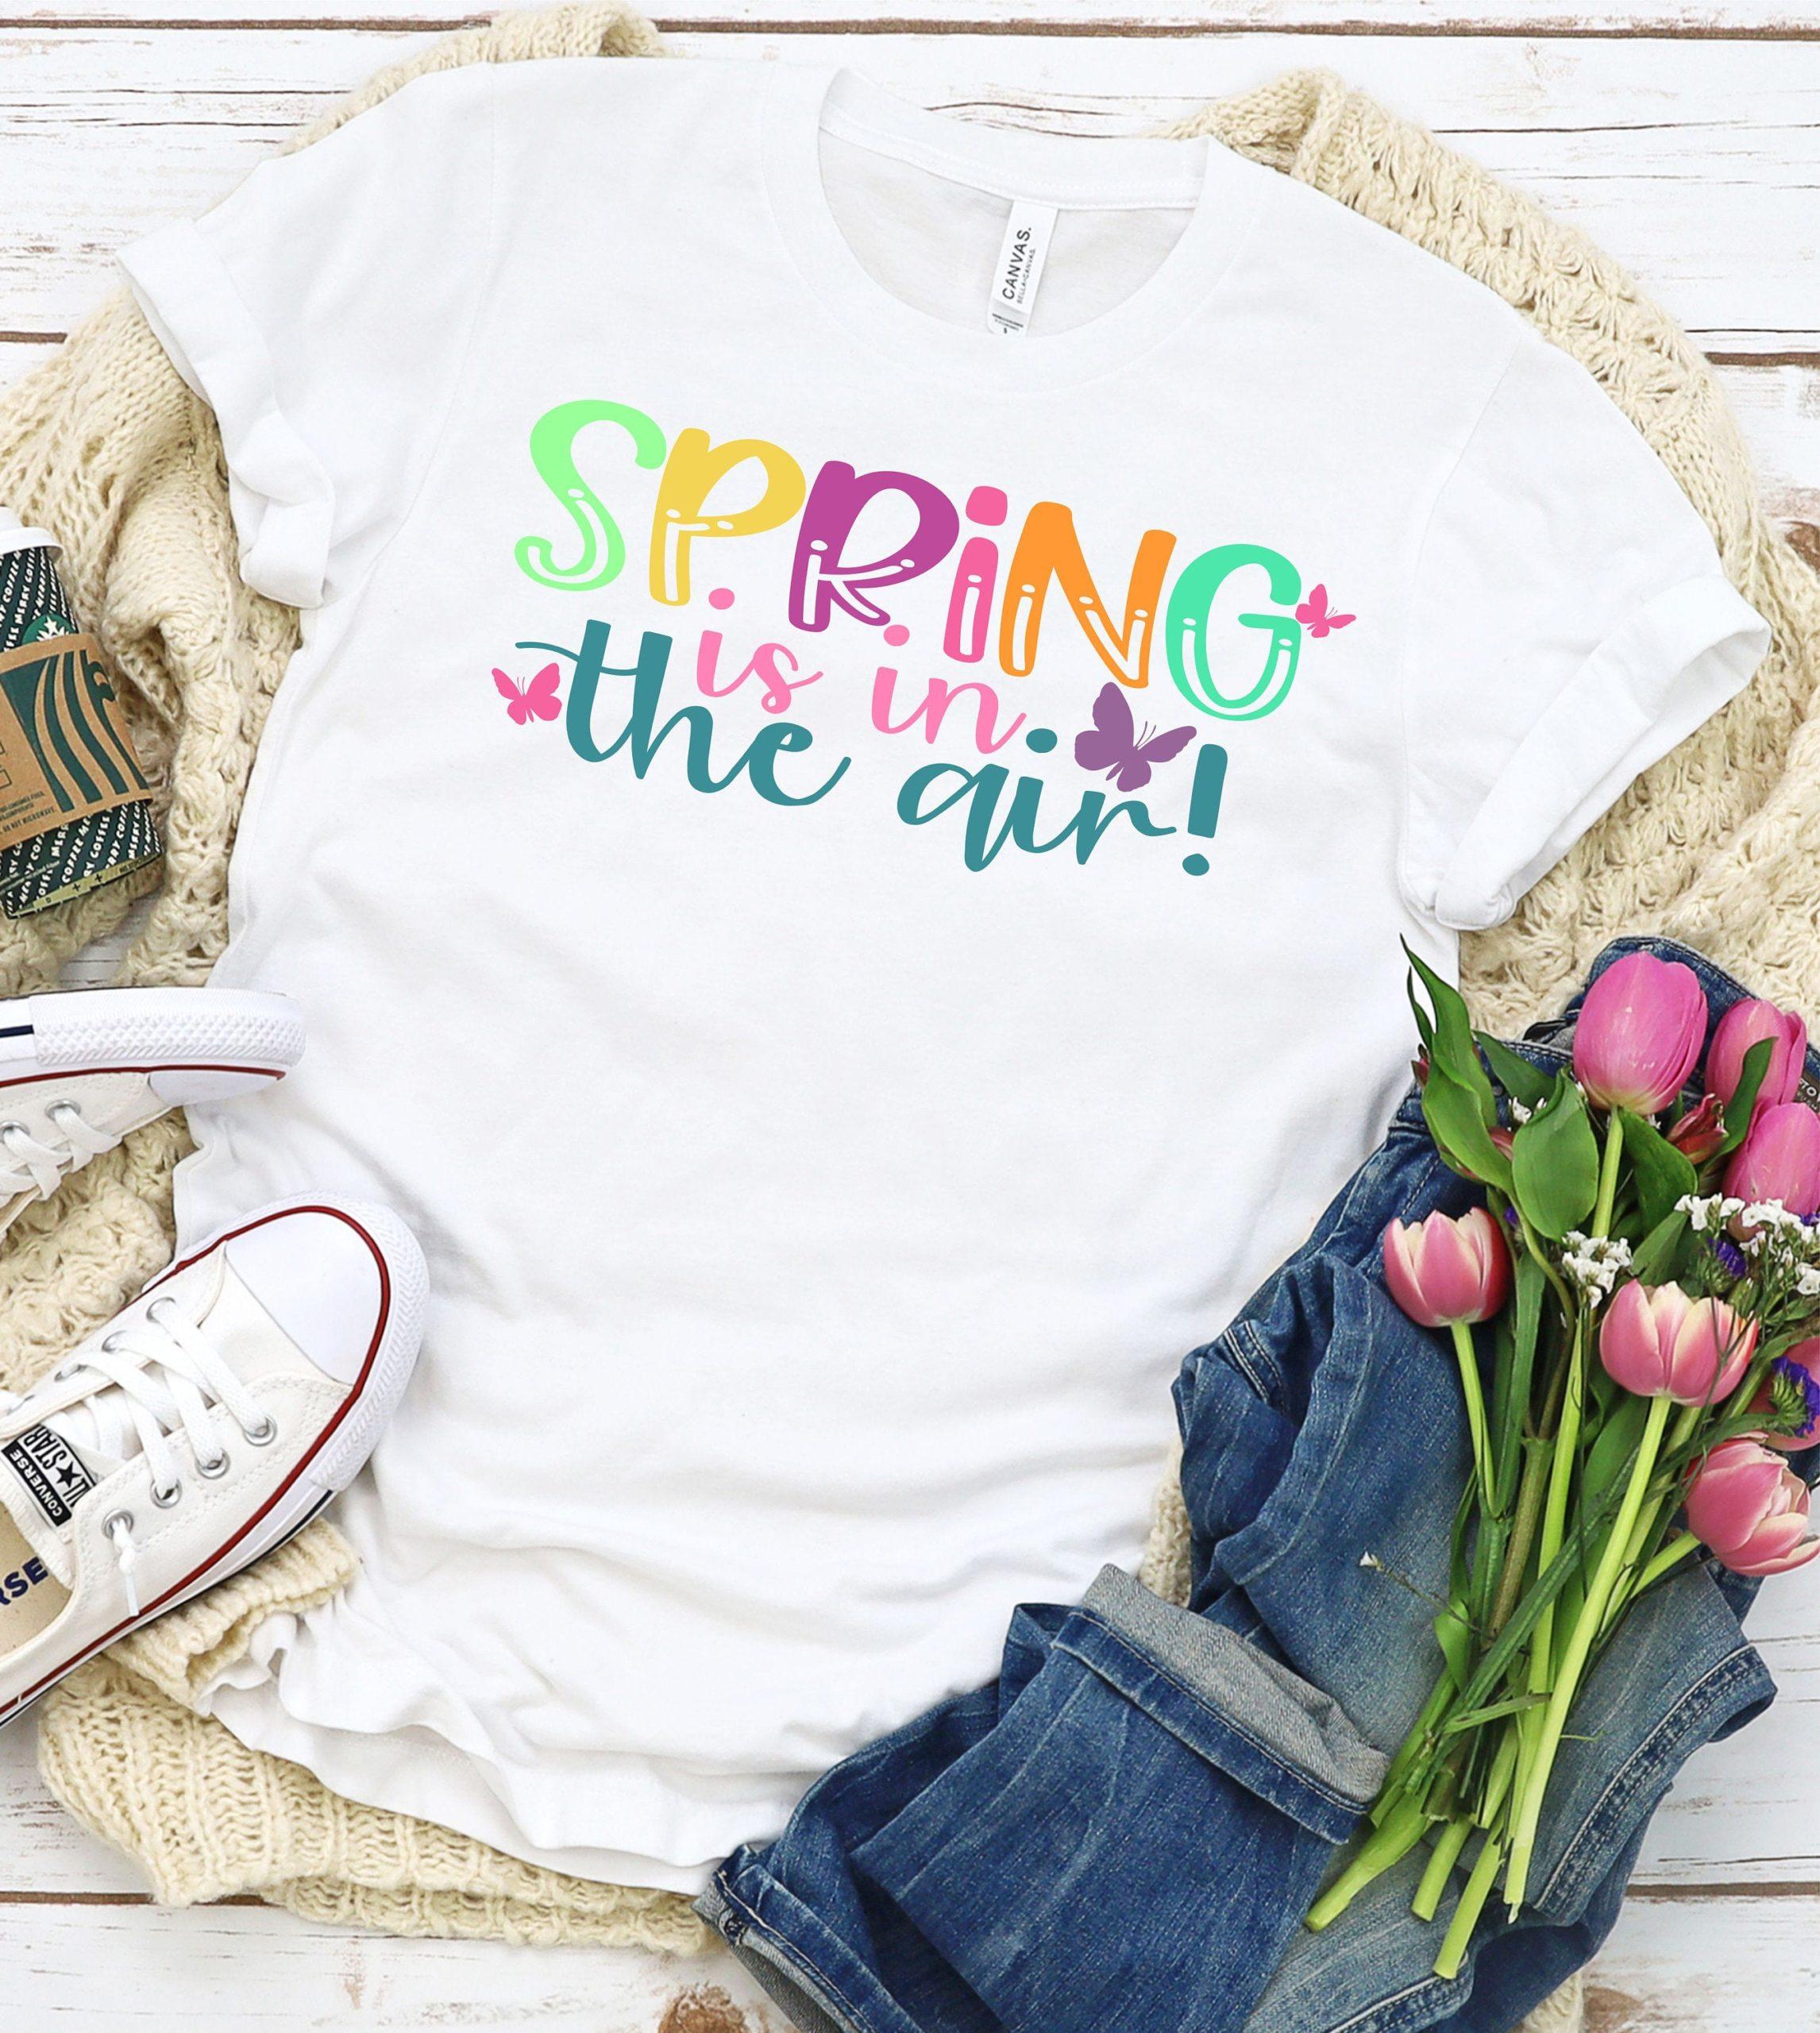 Spring-svg-spring-is-in-the-air-svg-spring-svgs-springtime-svg-flowers-svg-spring-svg-design-spring-cut-file-spring-cricut-svg-60512902